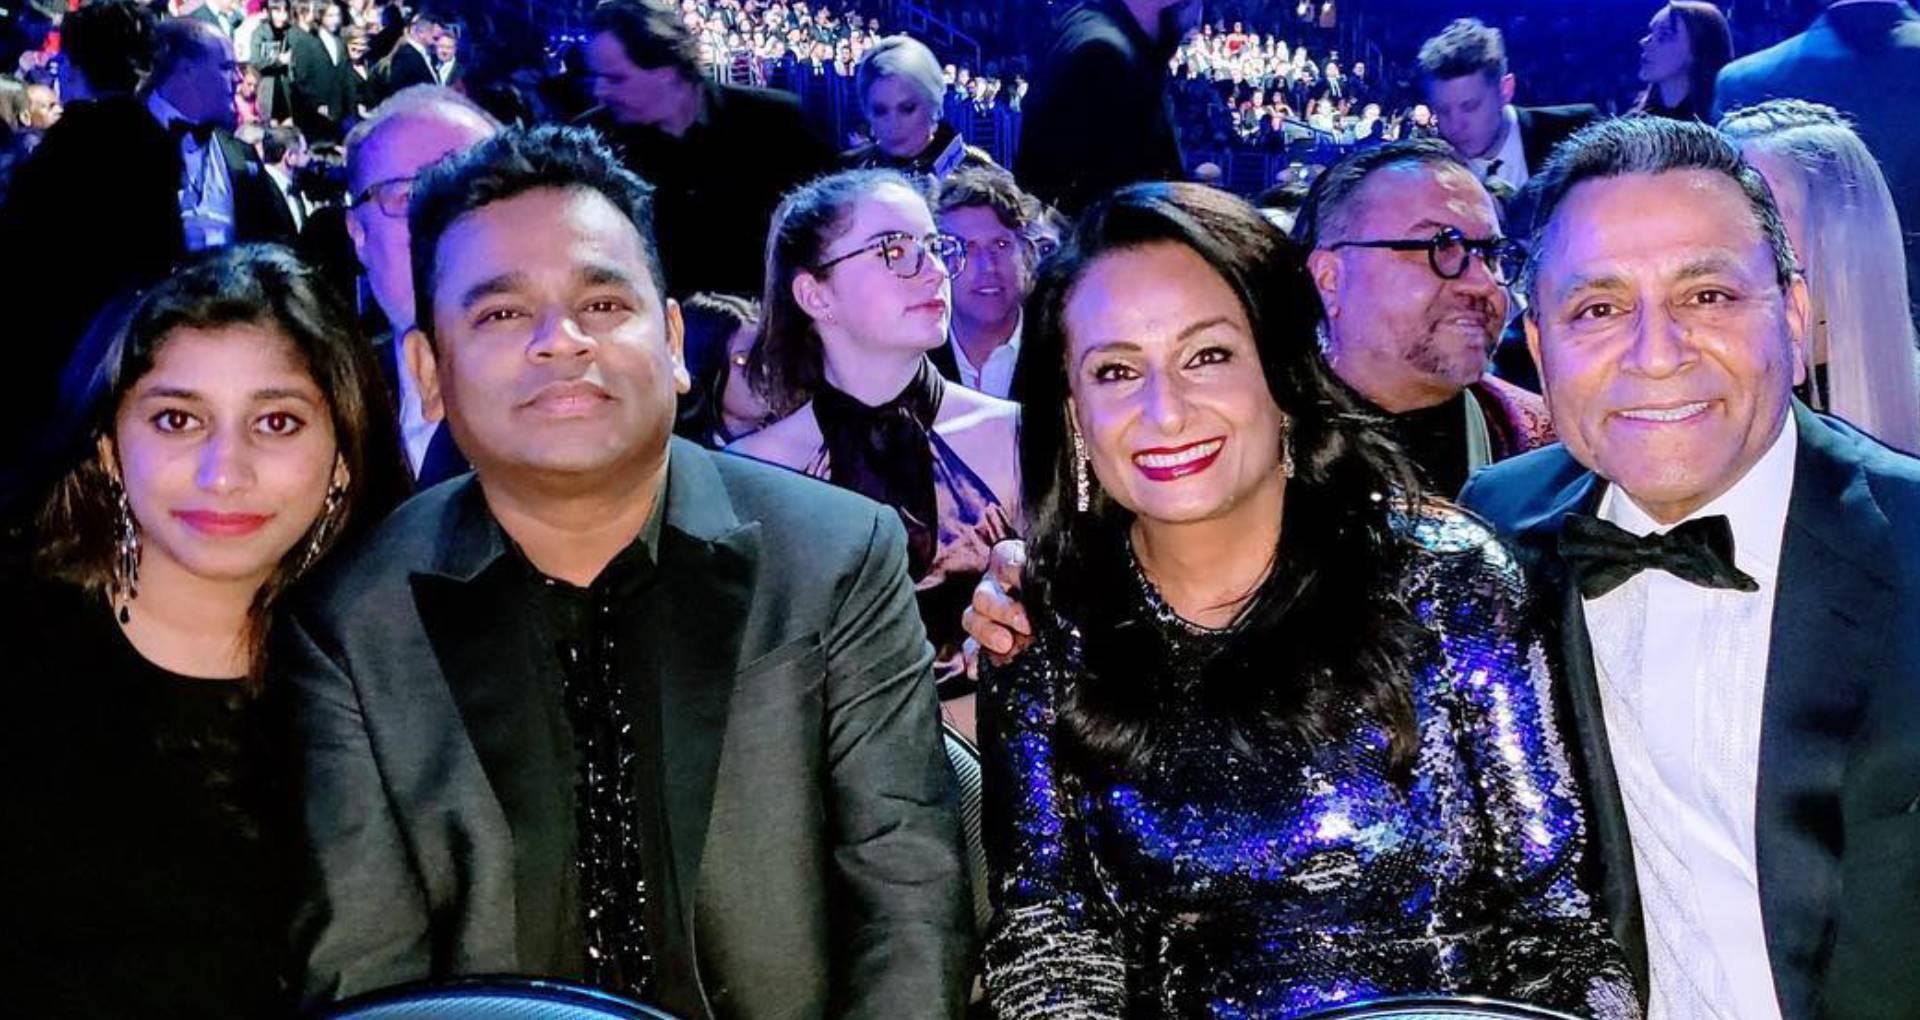 ग्रैमी अवार्ड सेरेमनी में पहुंचे एआर रहमान, बेटी रहीमा के साथ लिया लेडी गागा के सॉन्ग का मजा